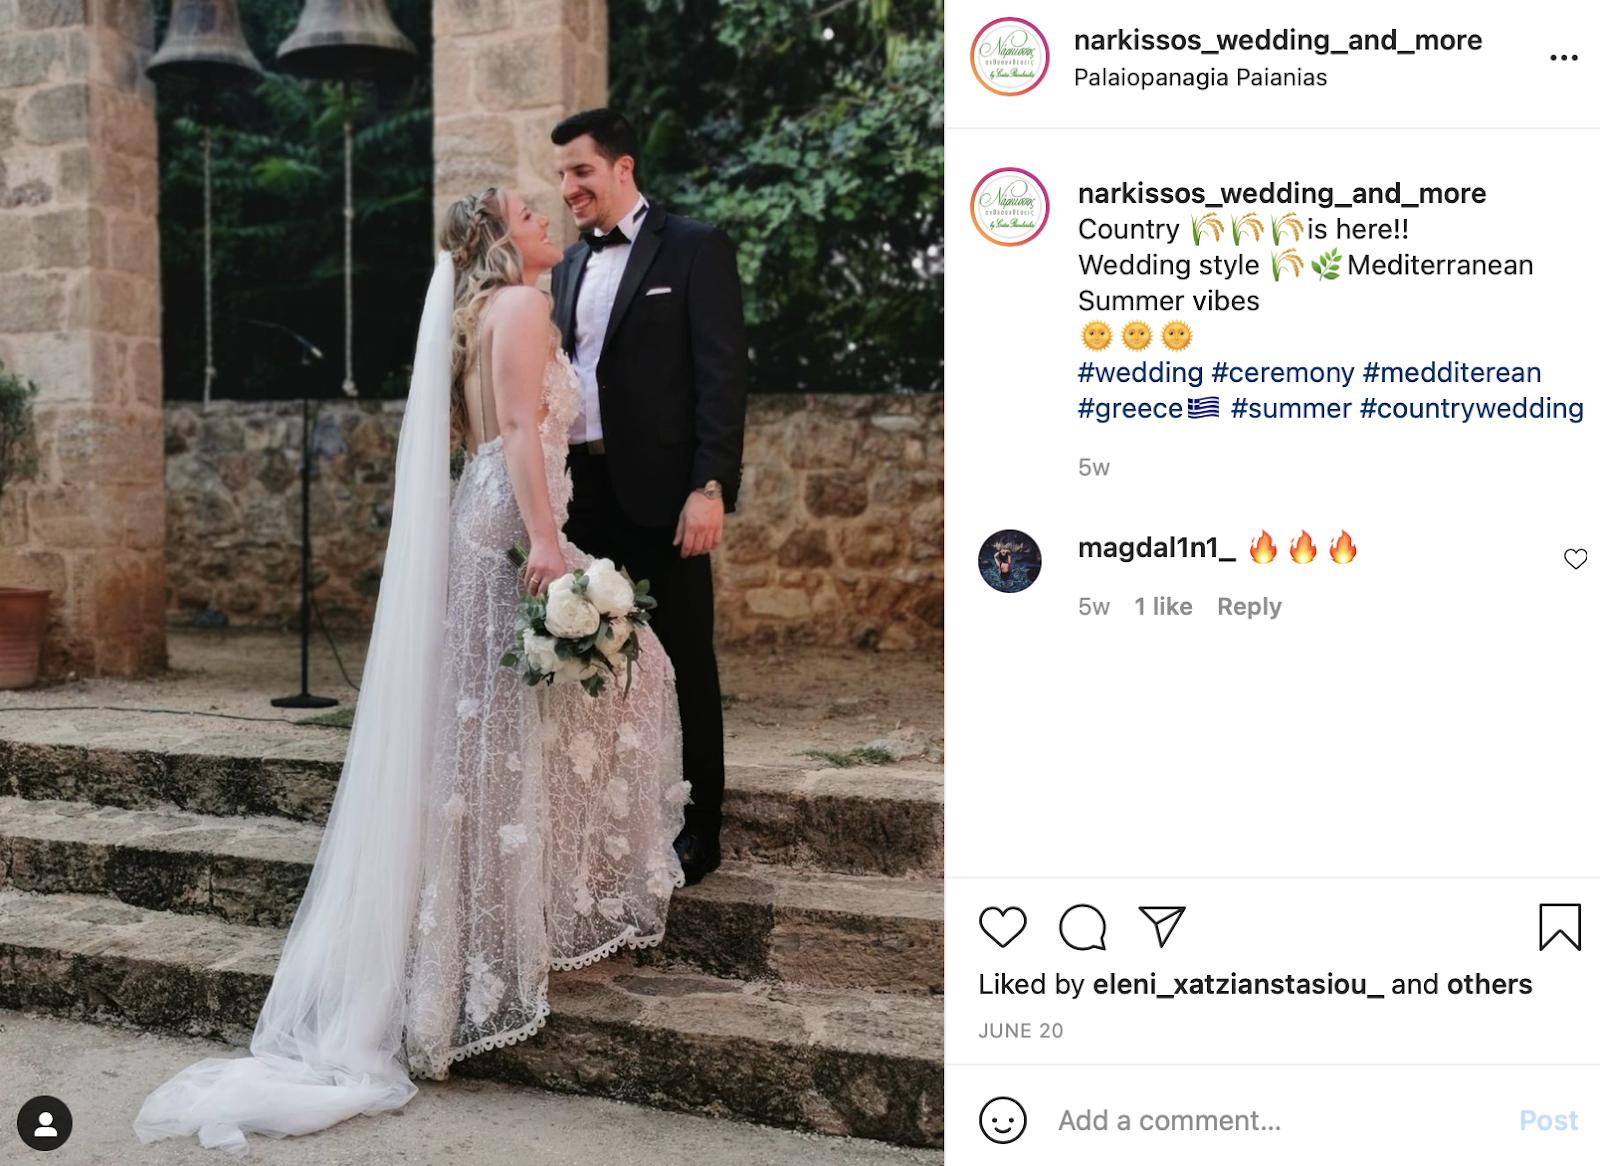 Mediterranean wedding instagram caption